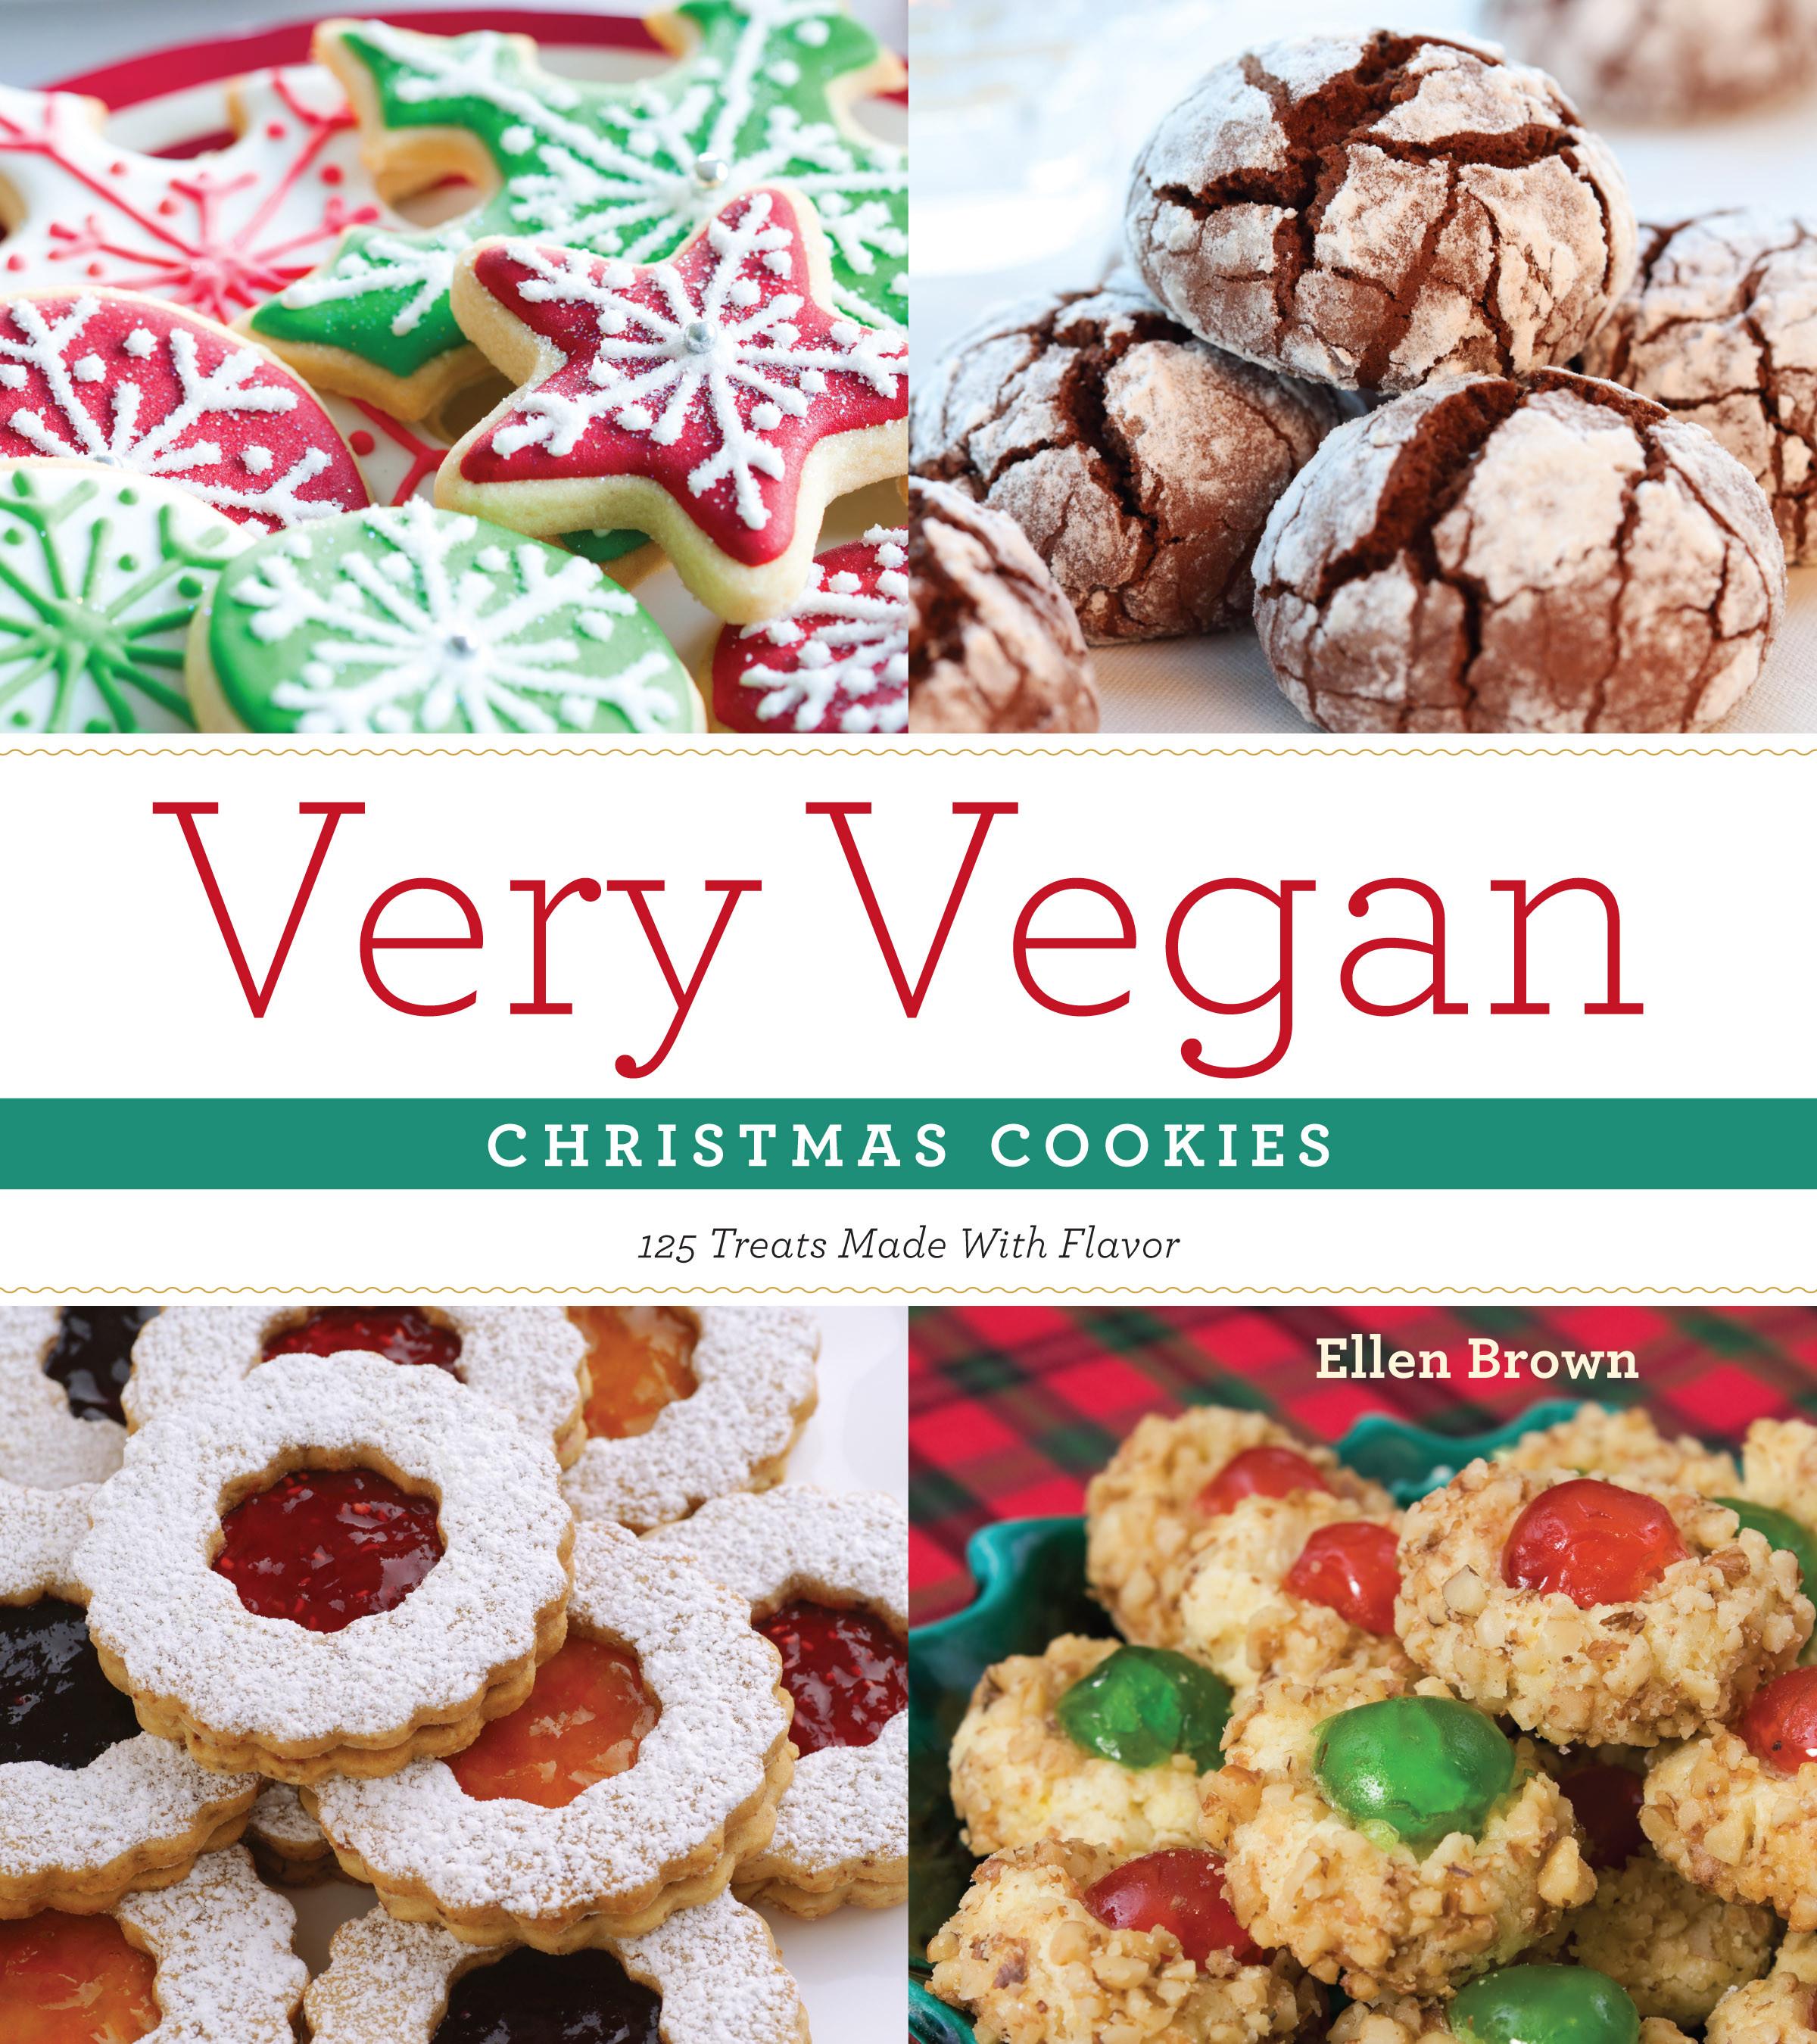 Best Vegan Christmas Cookies  Very Vegan Christmas Cookies